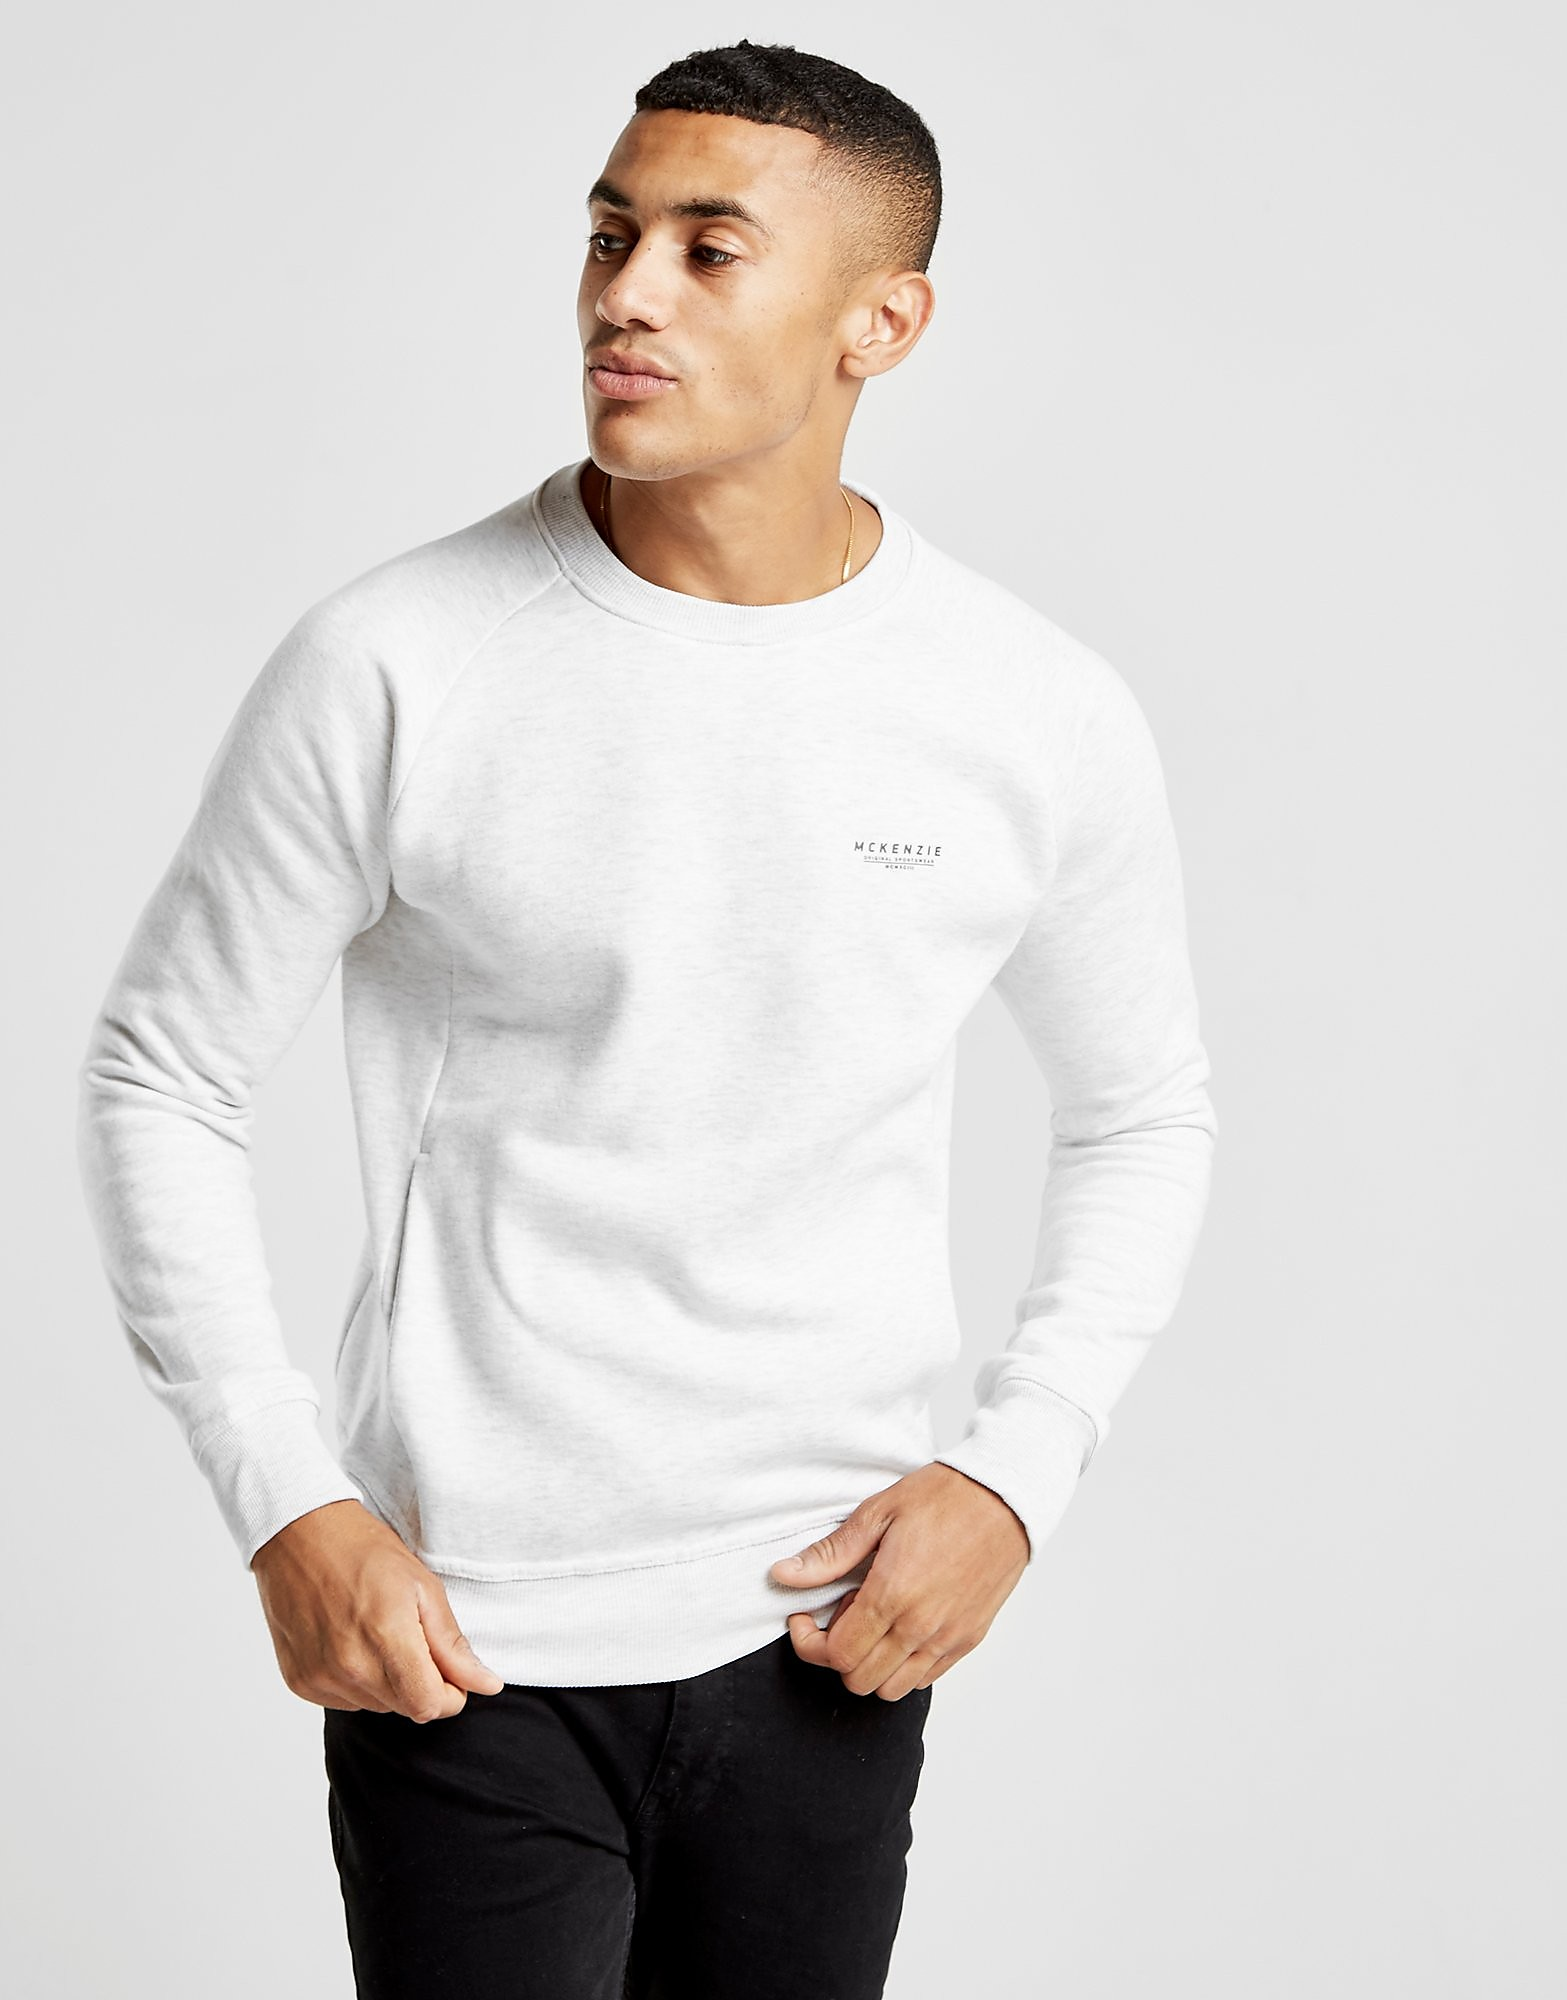 McKenzie Bloodhound Crew Sweatshirt